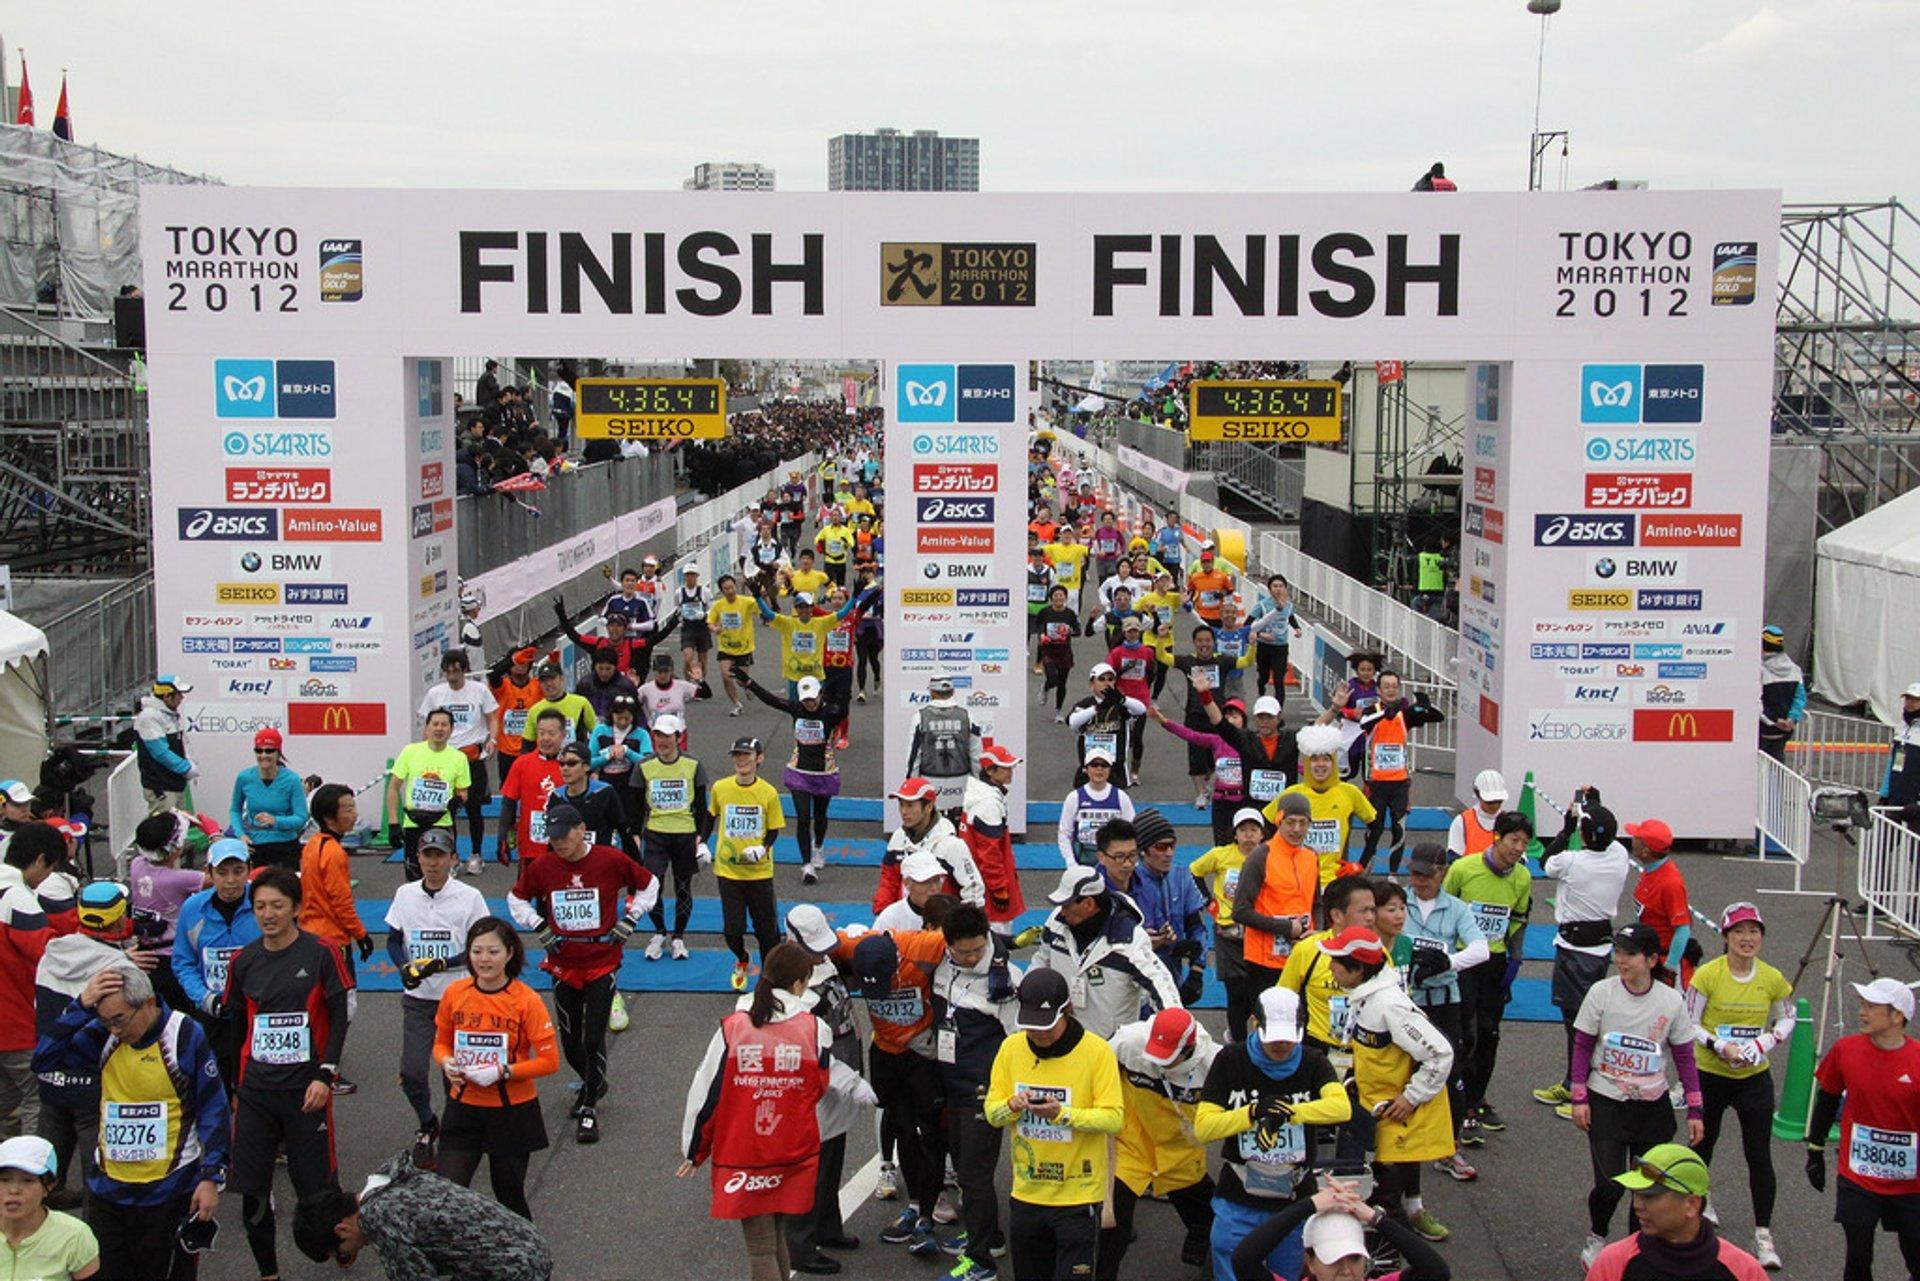 Best time for Tokyo Marathon in Tokyo 2020